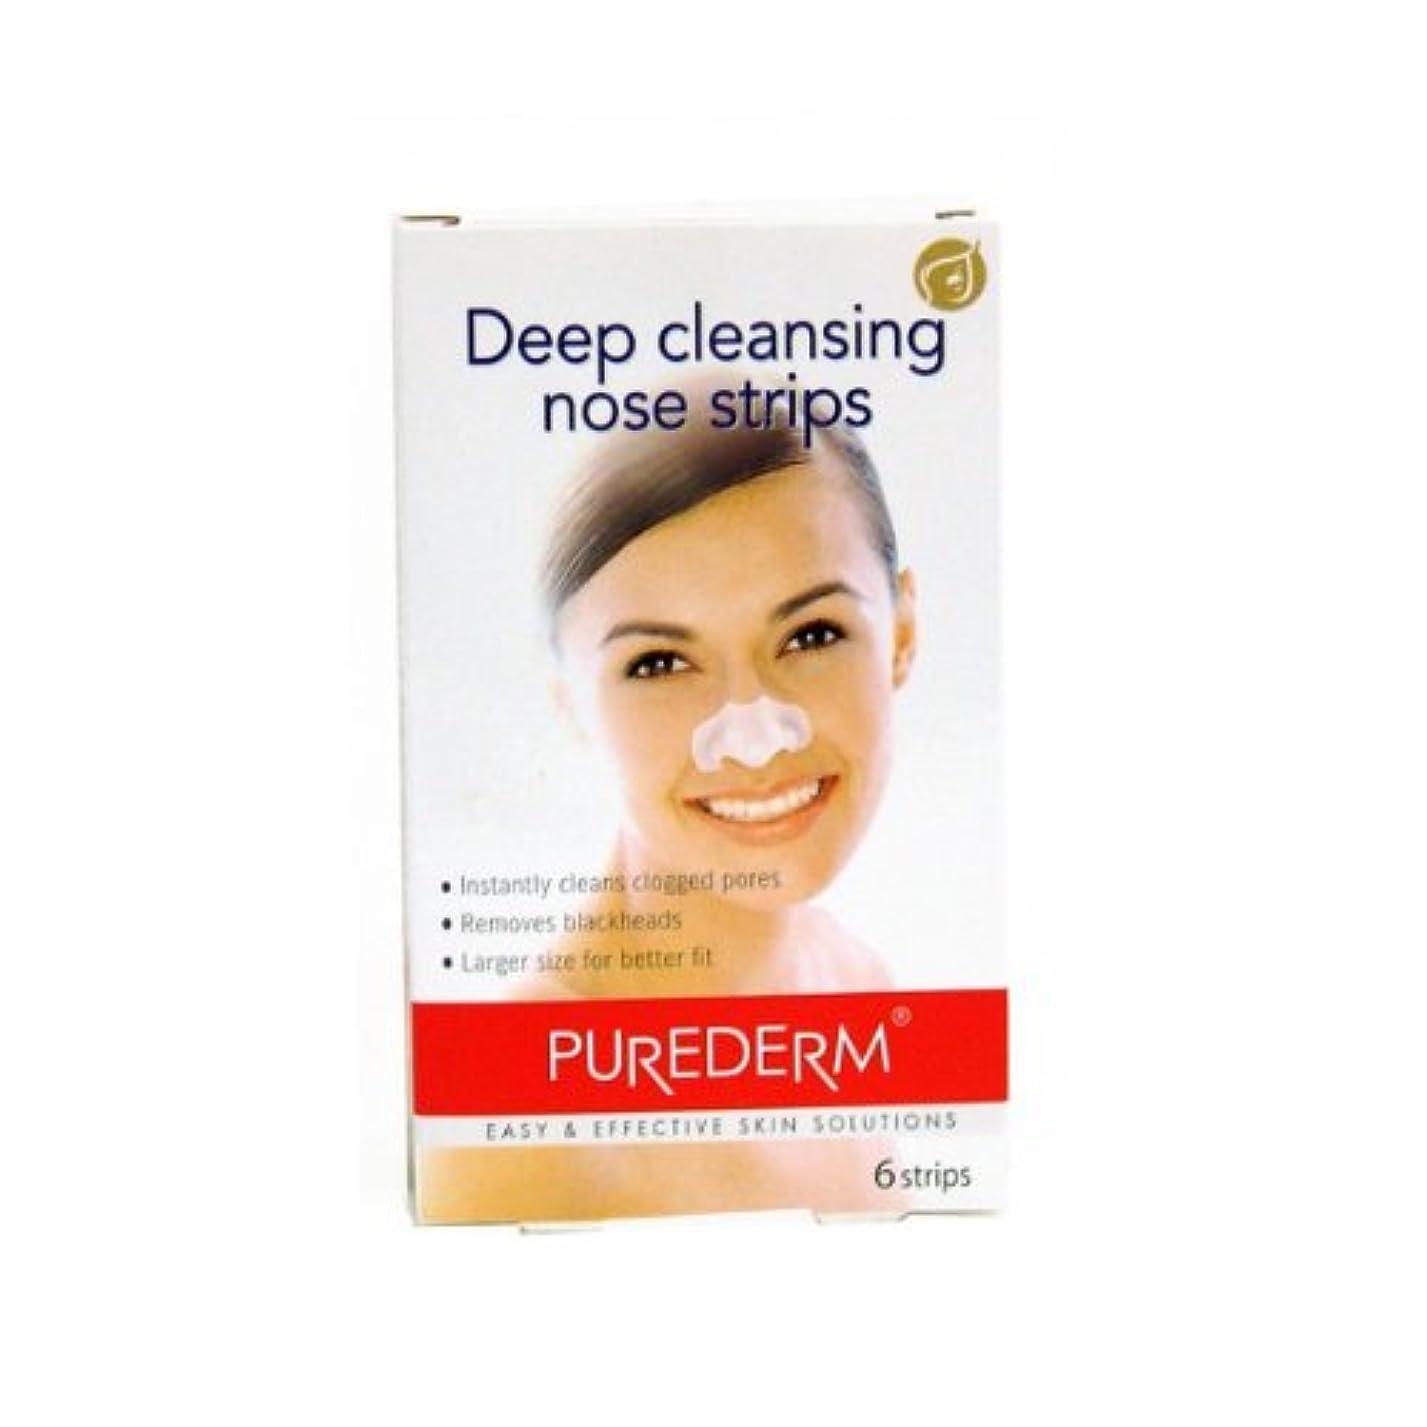 年次相関する段落Purederm Deep Cleansing Nose Strips X 6 [並行輸入品]